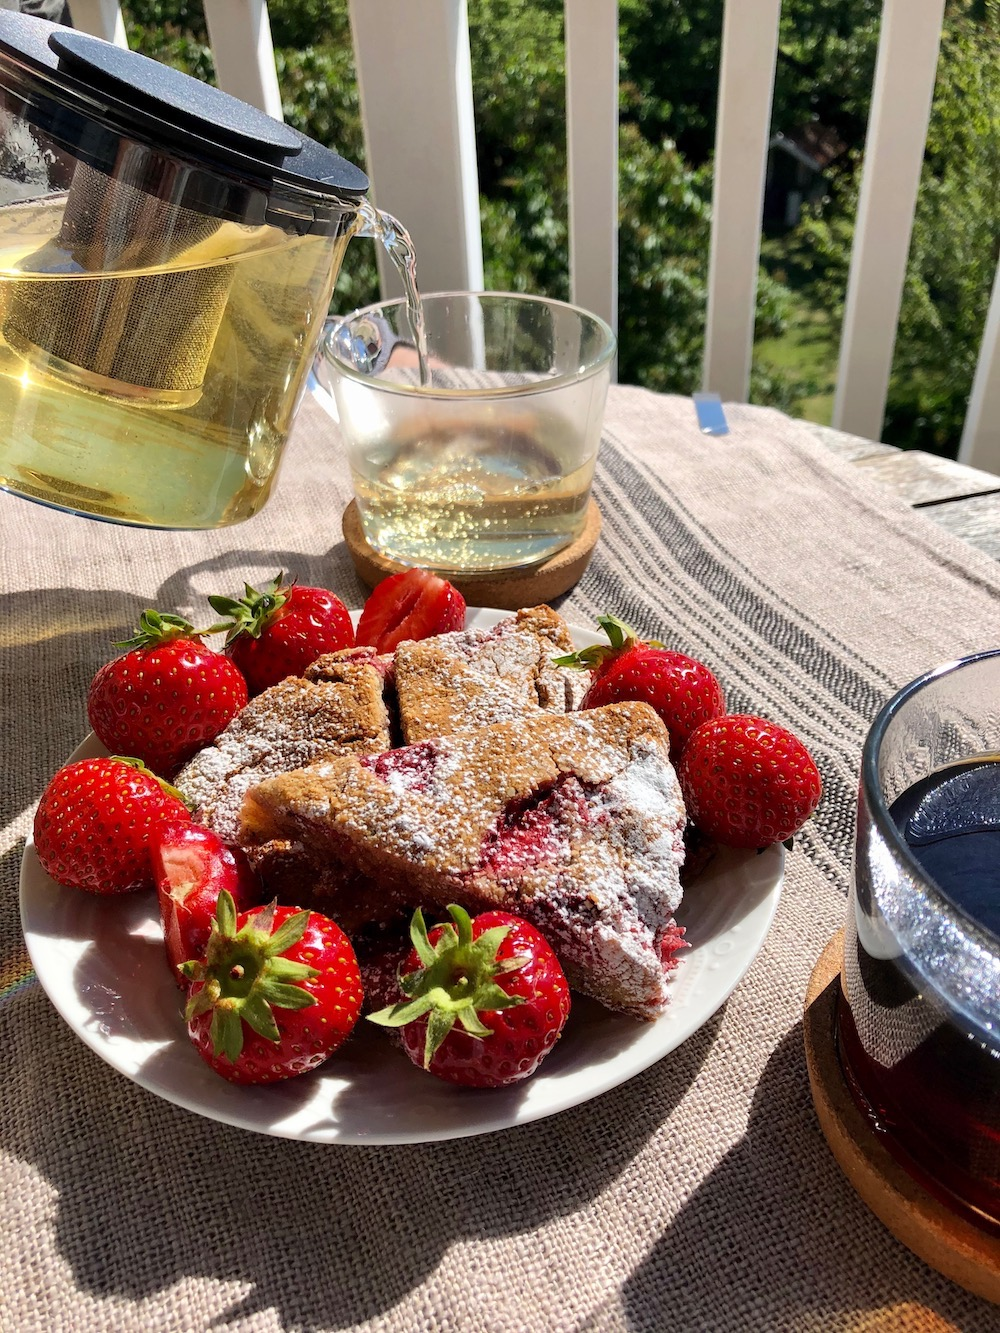 Jordgubbsscones redo att avnjutas tillsammans med kaffe och te i solskenet